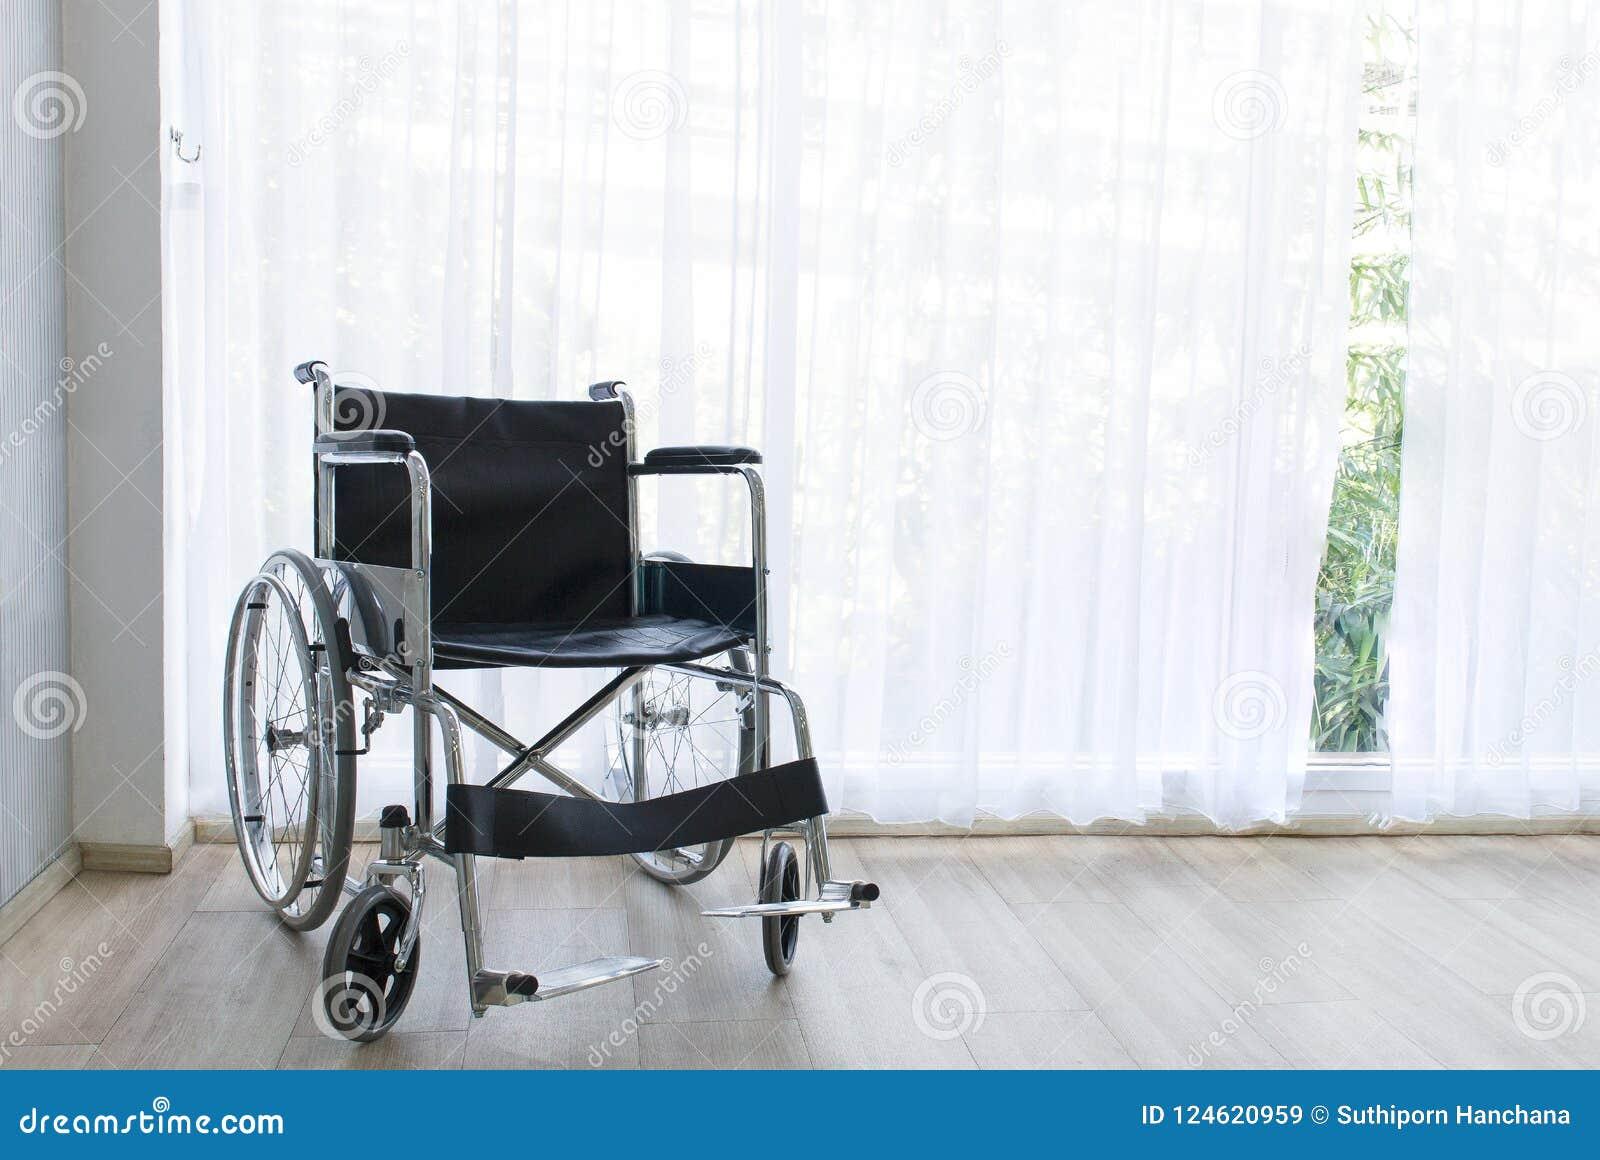 Wózki inwalidzcy czeka usługa na sala szpitalnej z słońca światłem